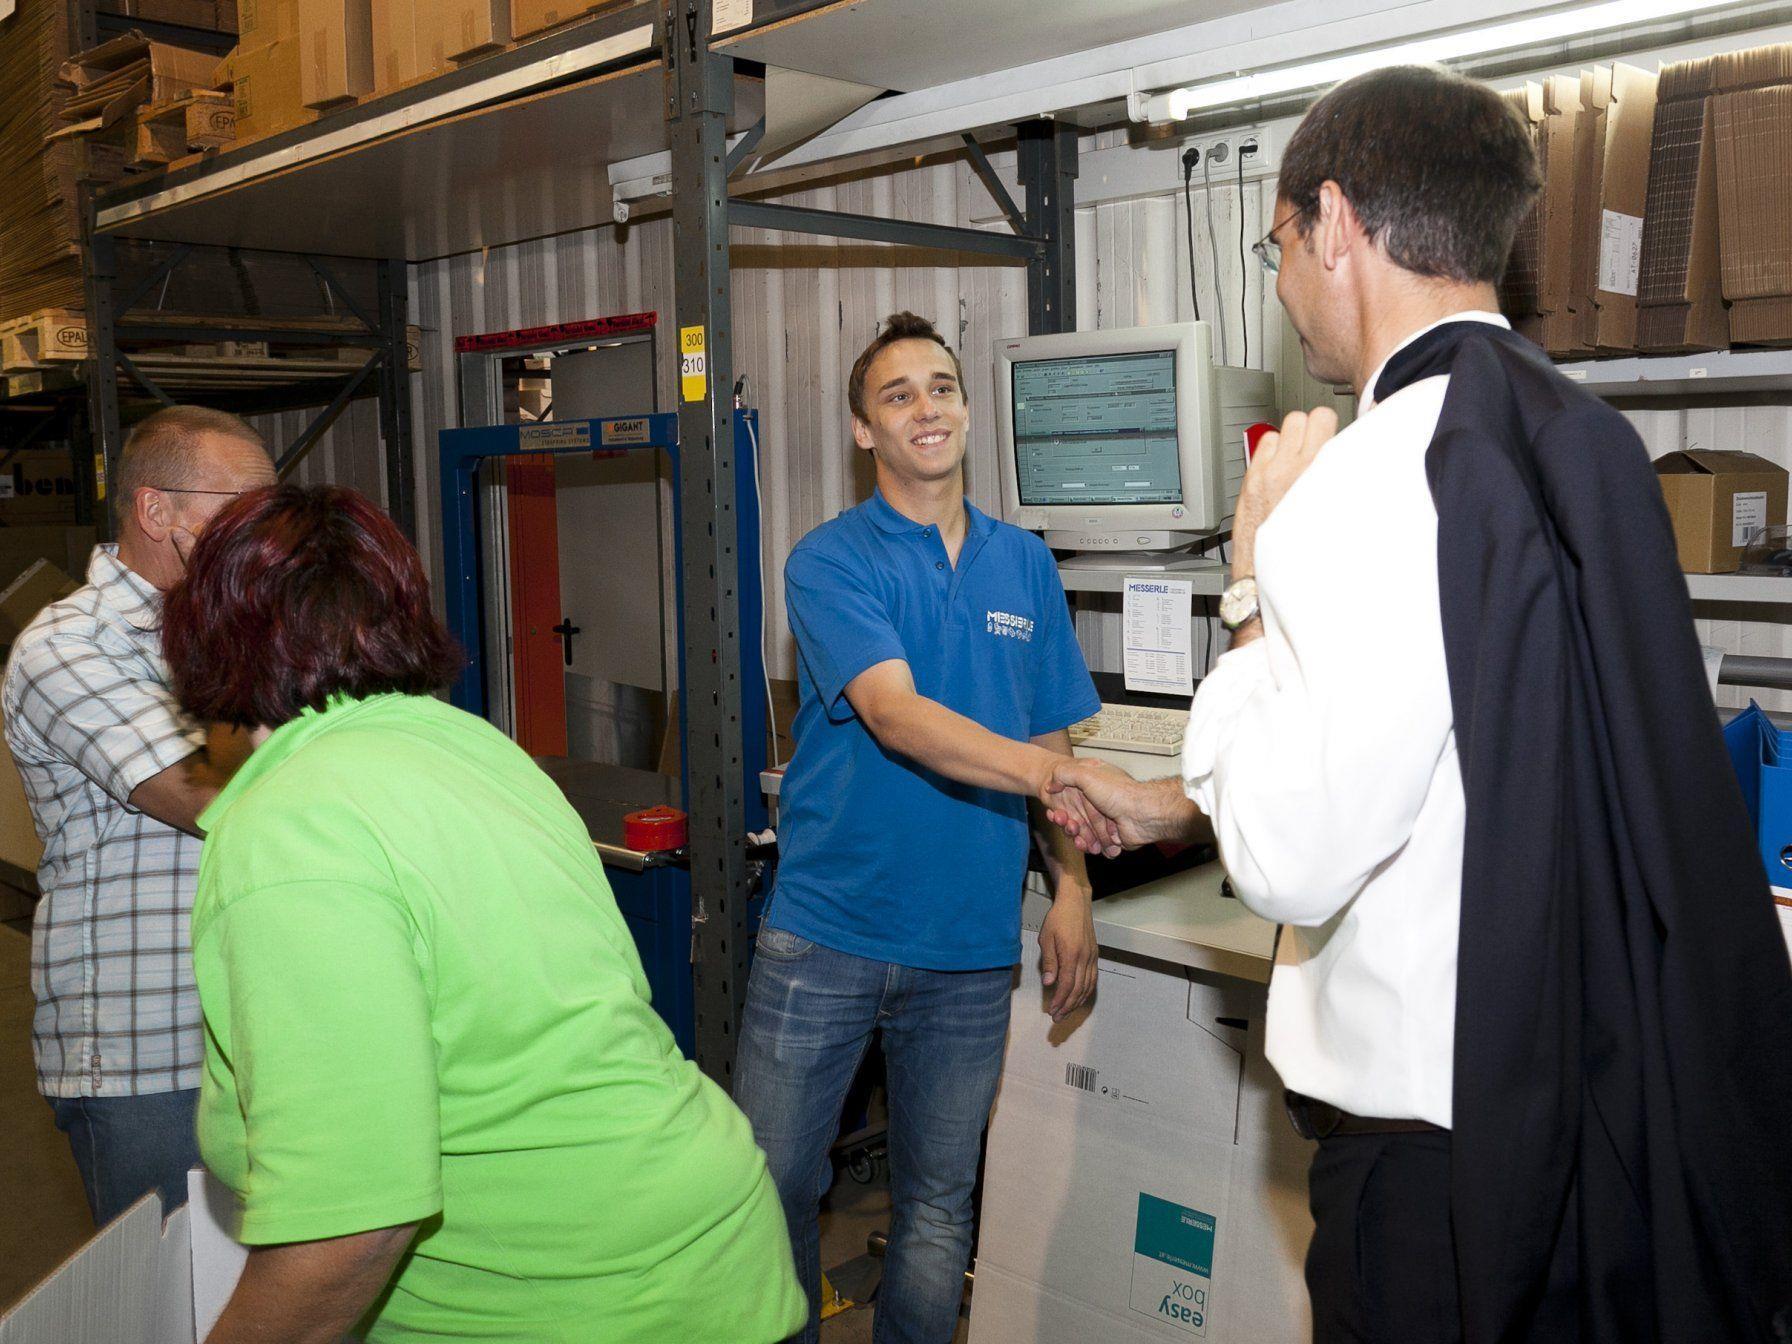 Besuch bei der Messerle GmbH in Mäder: Den Rundgang durch den Betrieb nützte Landeshauptmann Markus Wallner für kurze Gespräche mit den Mitarbeiterinnen und Mitarbeitern.